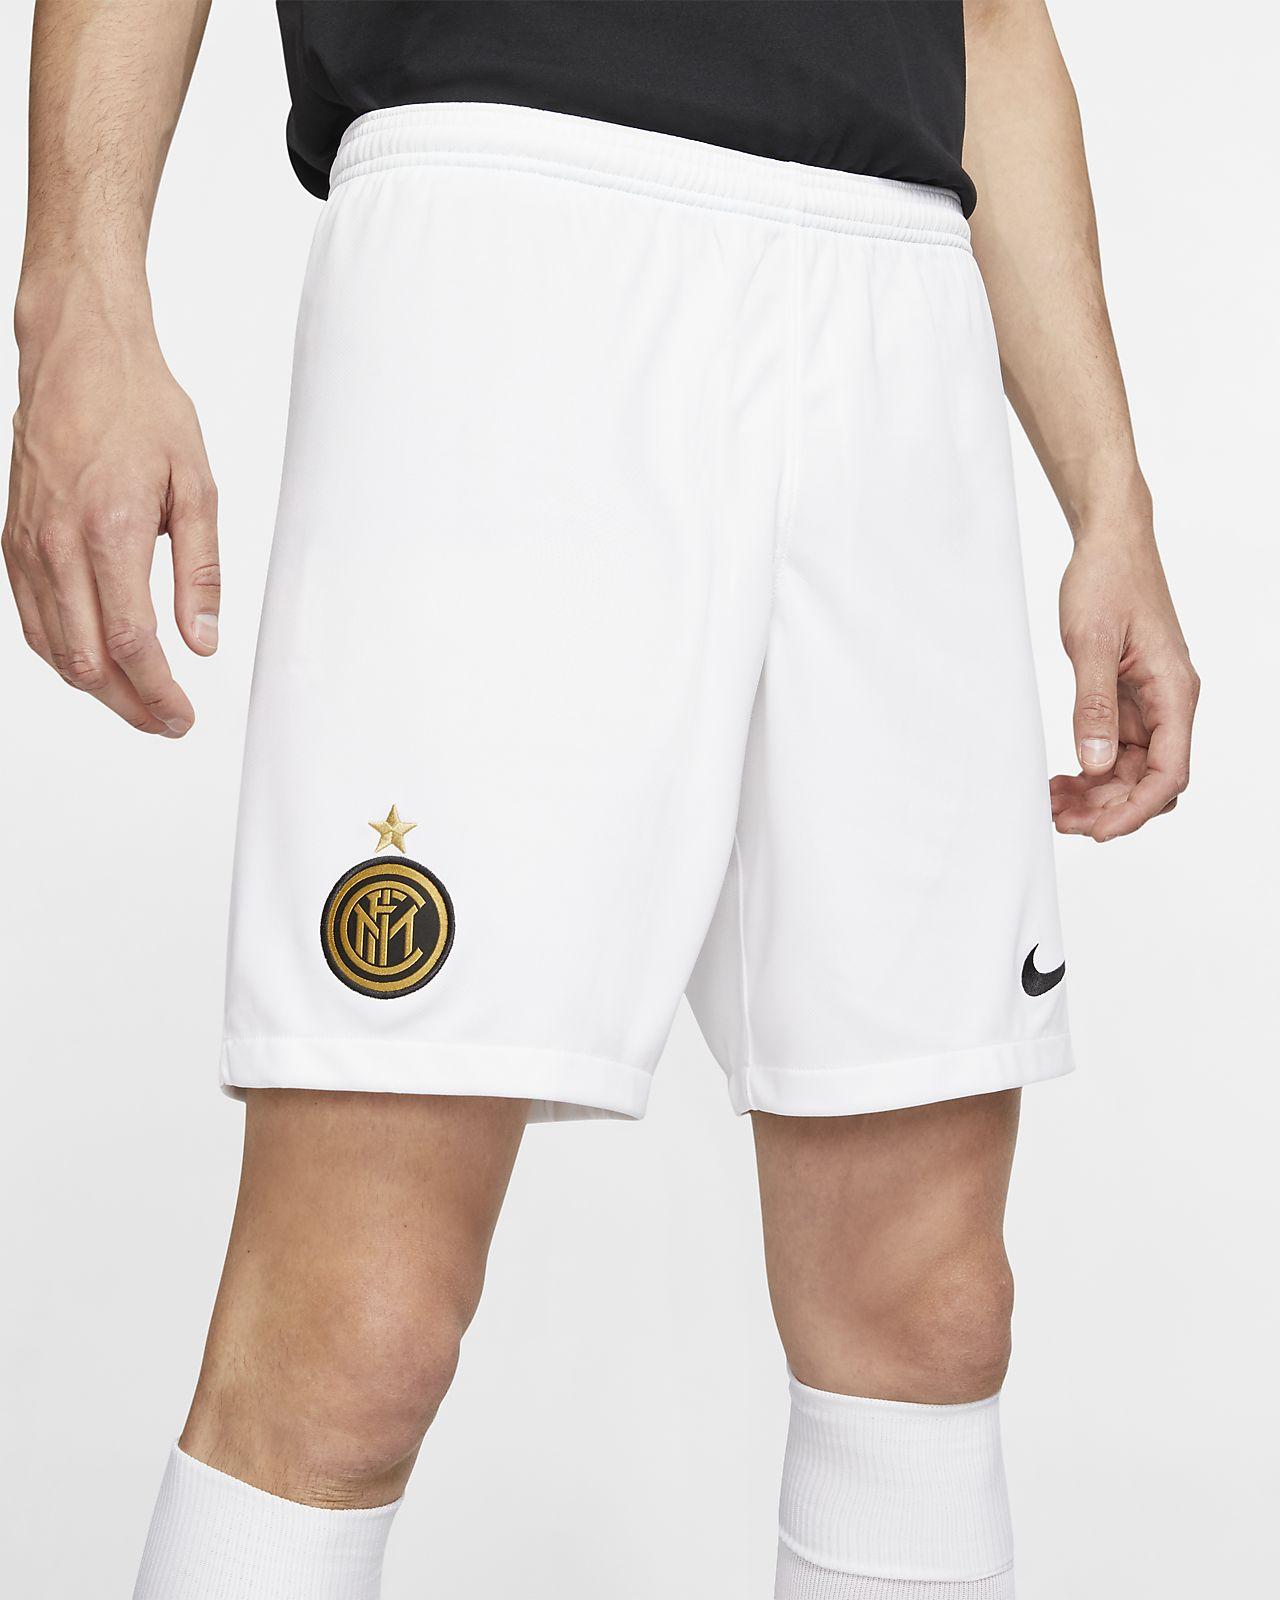 Inter Milan 2019/20 Stadium Home/Away Pantalón corto de fútbol - Hombre